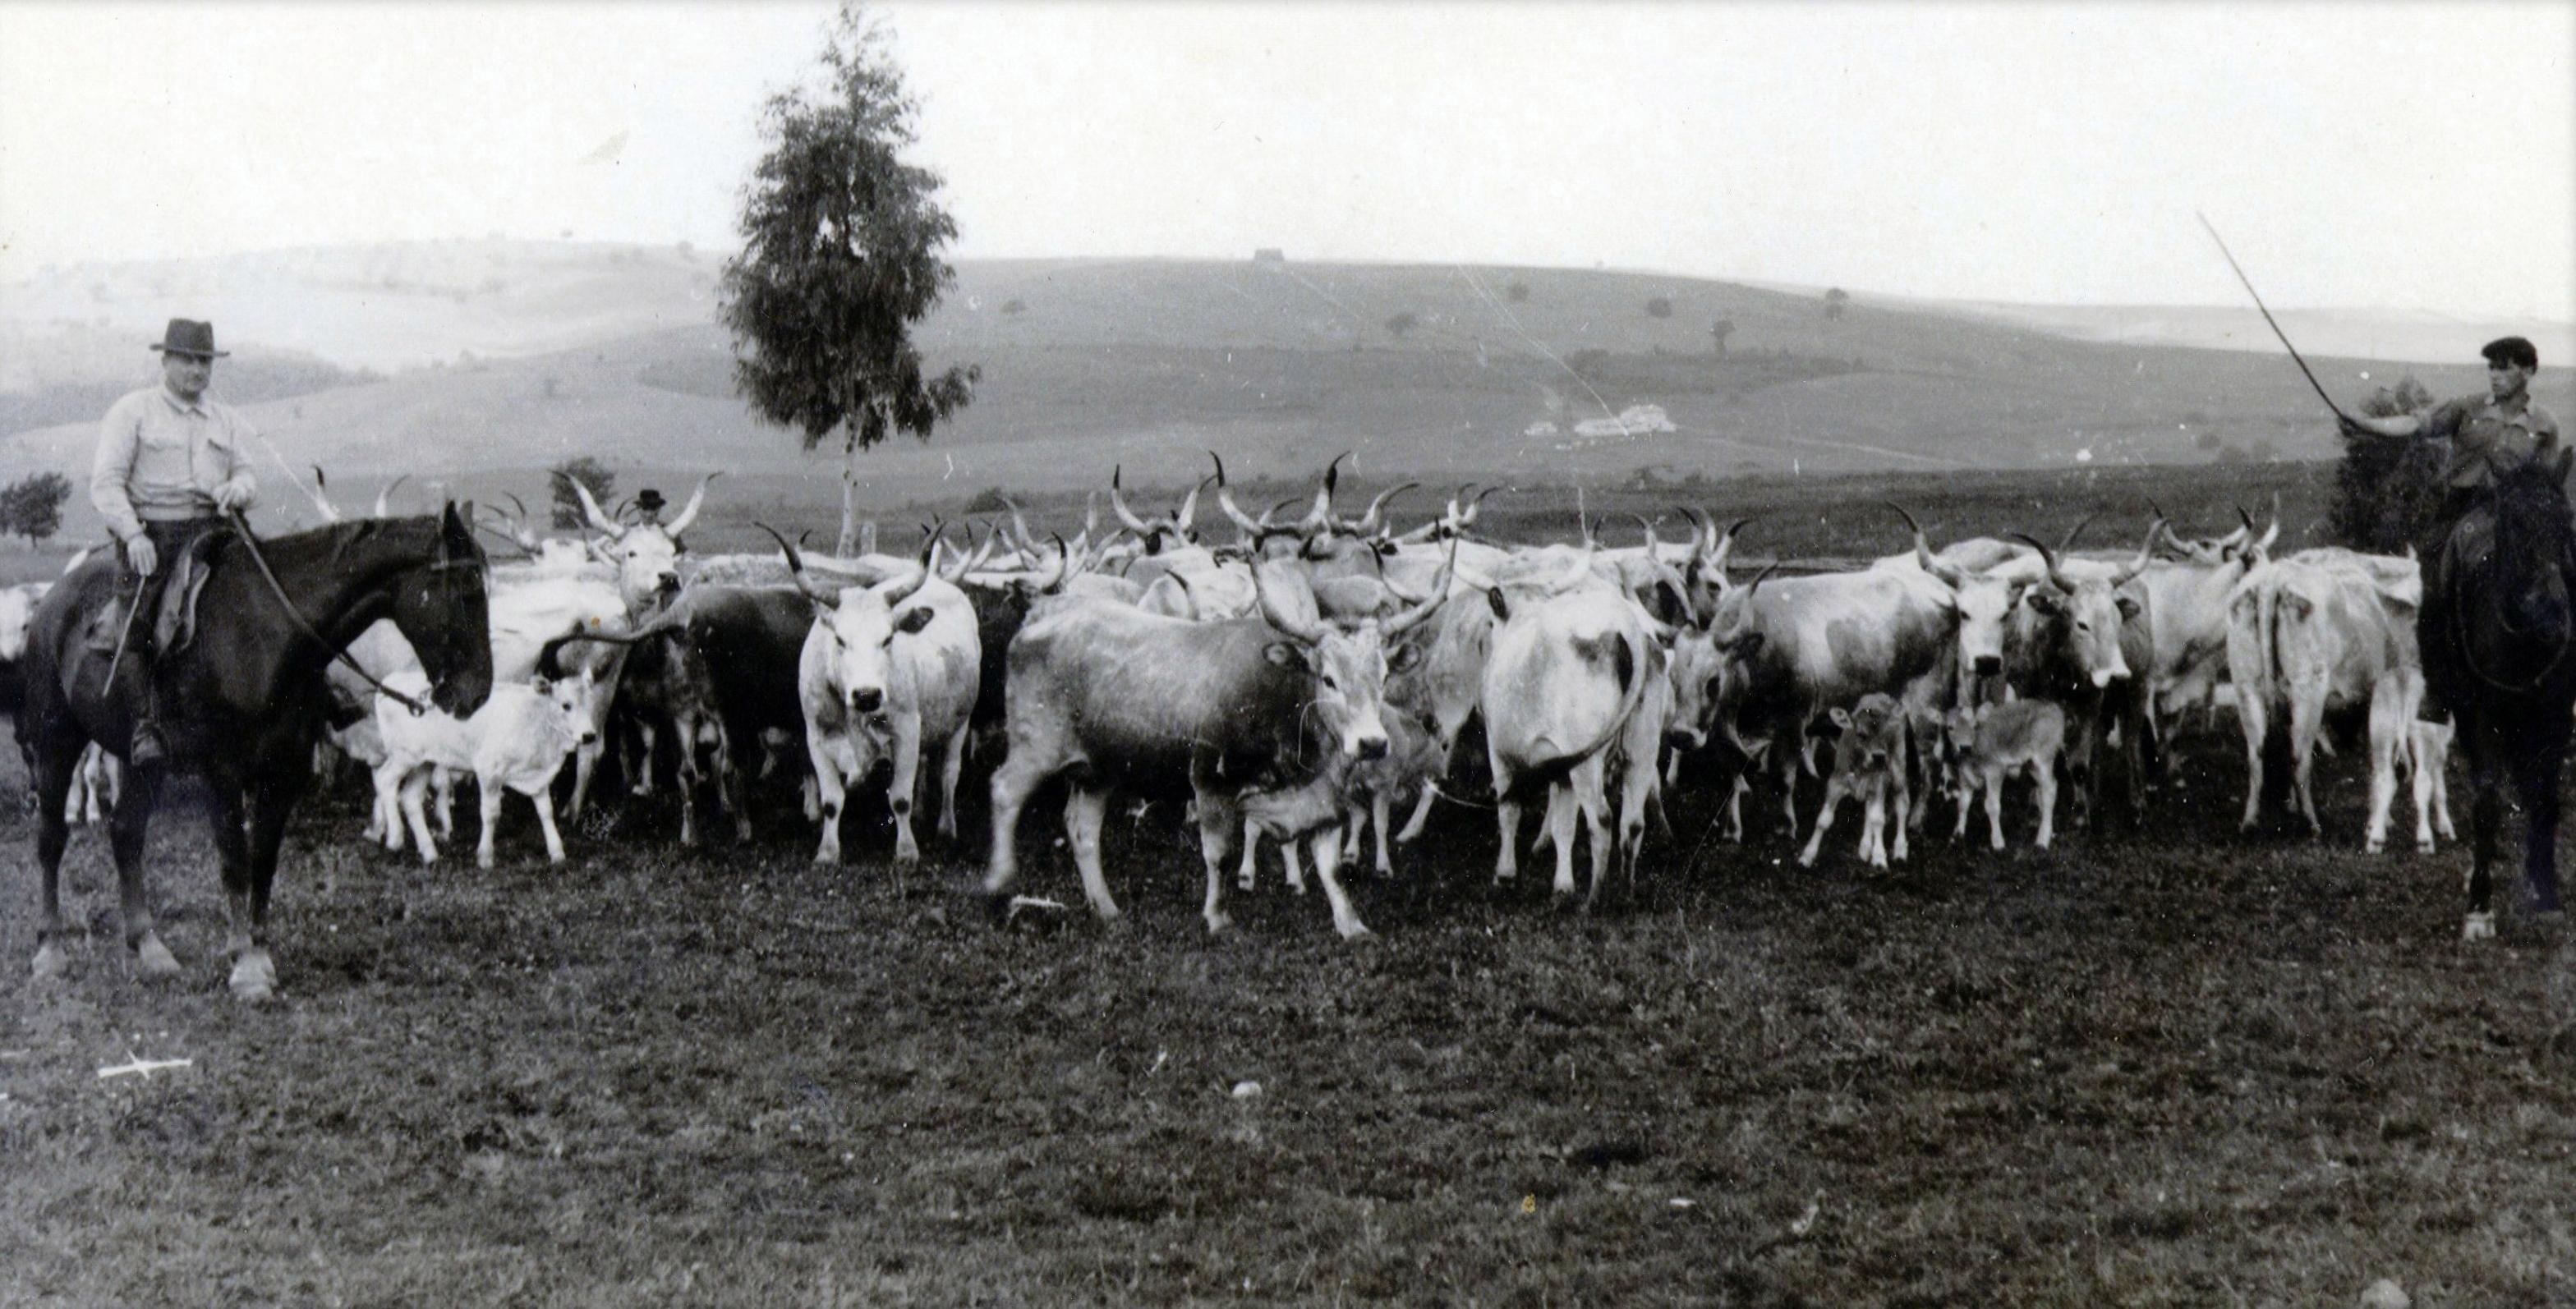 butteri-vacche-contadini-cavalli